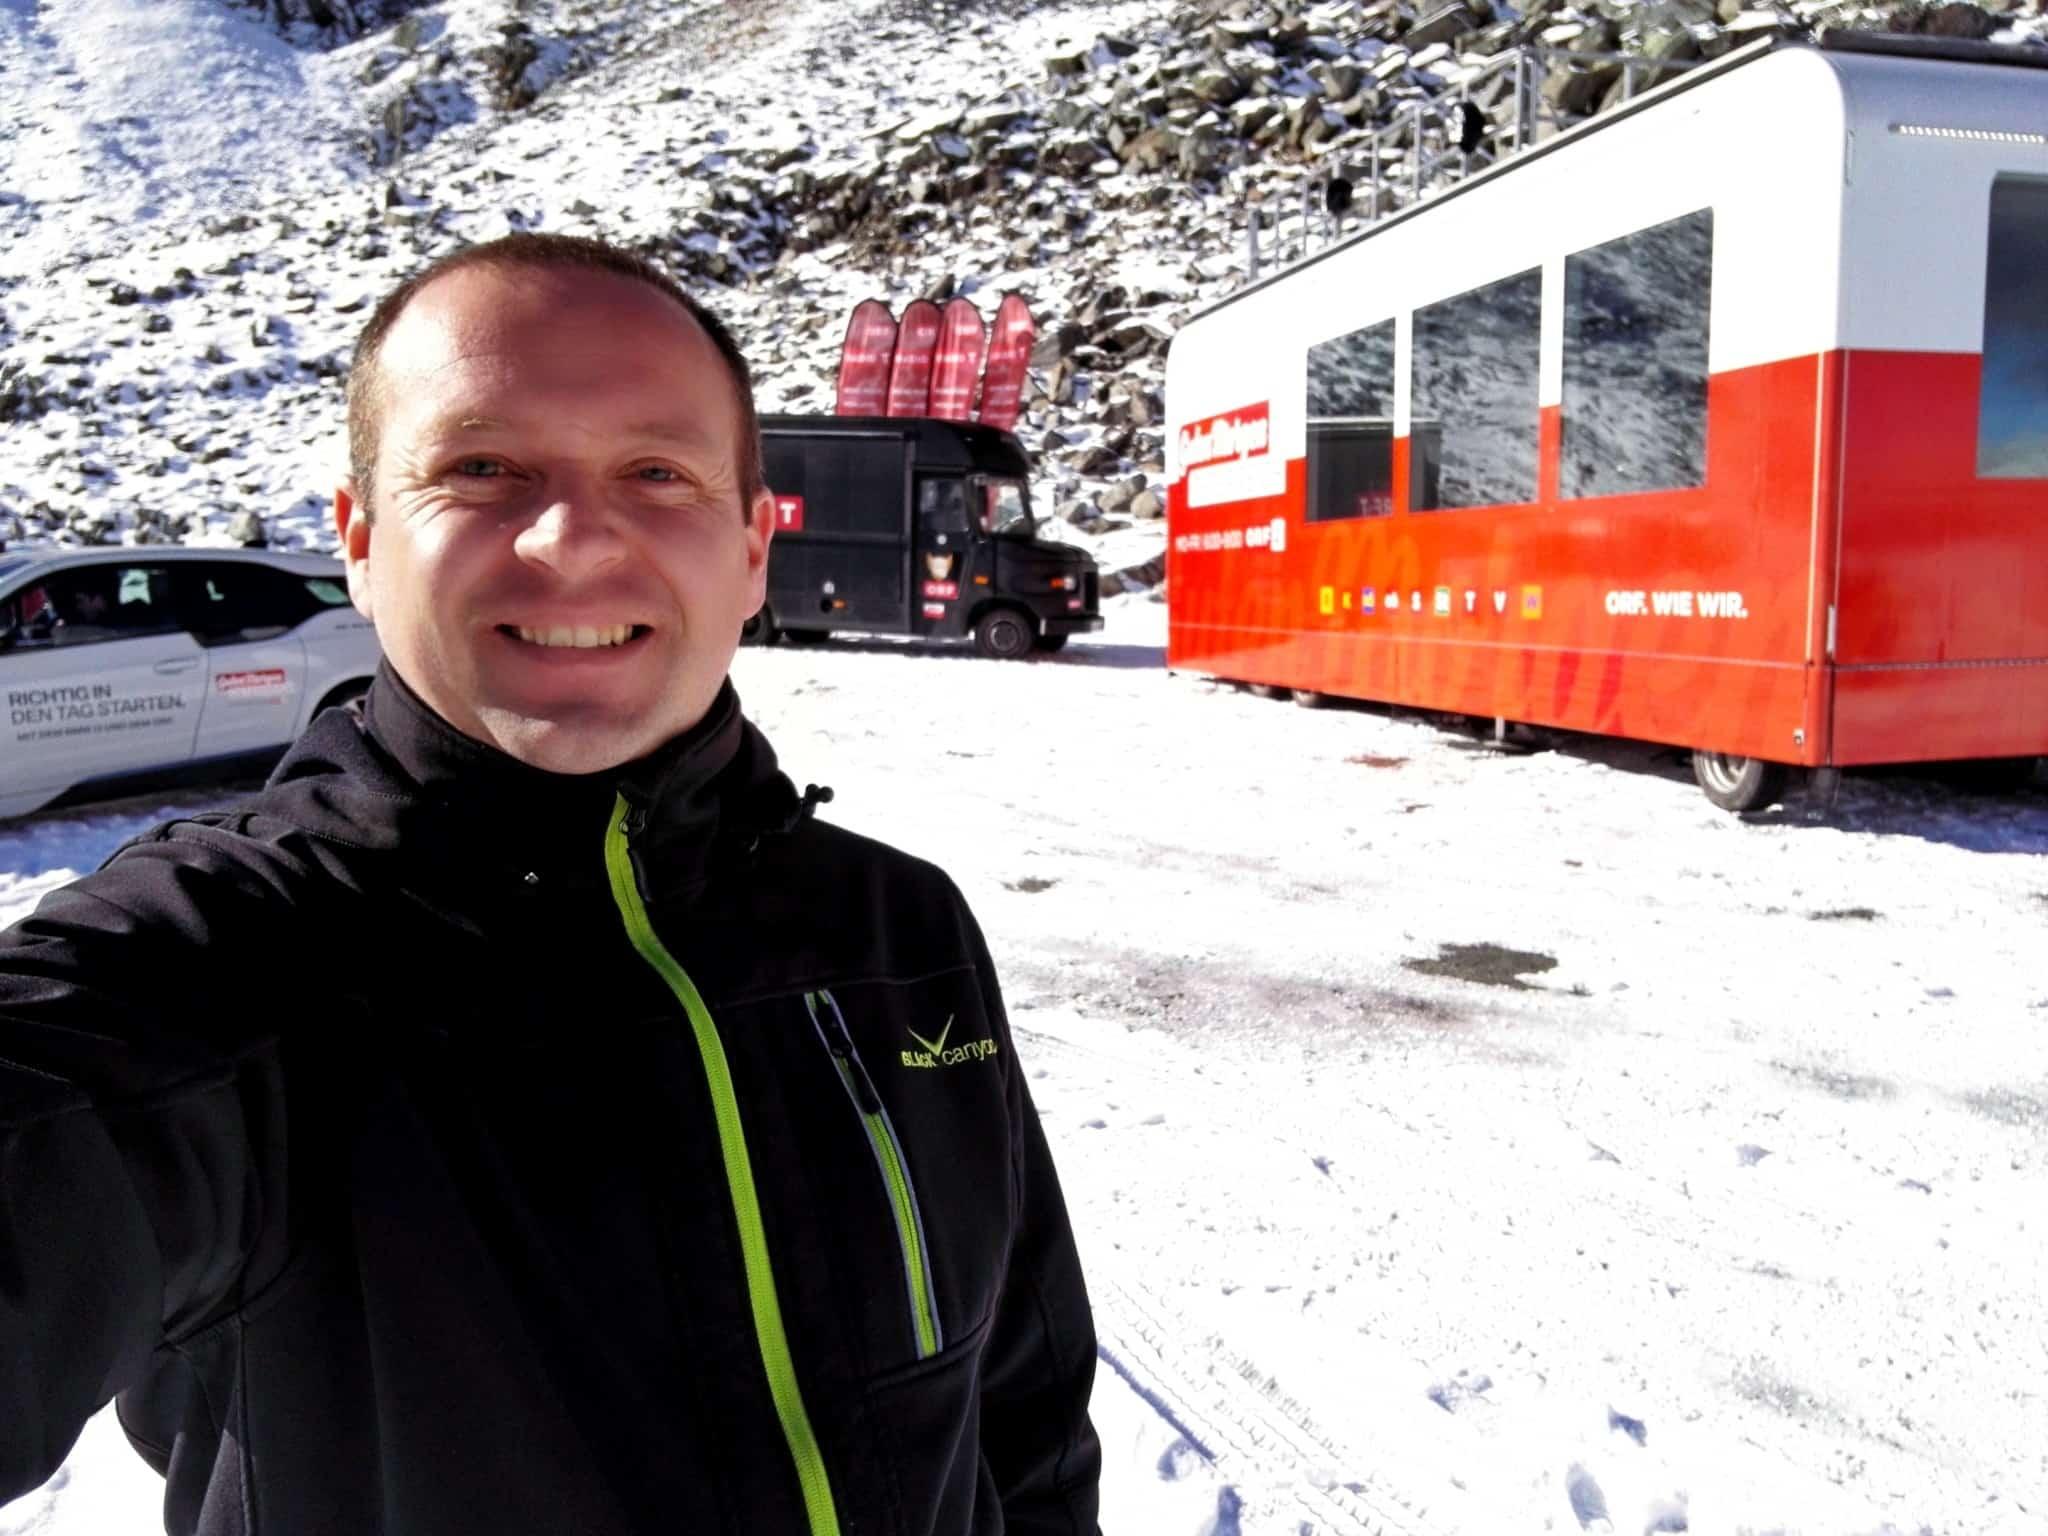 ORF GUTEN MORGEN OESTERREICH TIROL SOELDEN 10 - ORF Guten Morgen Österreich - Tirol Woche